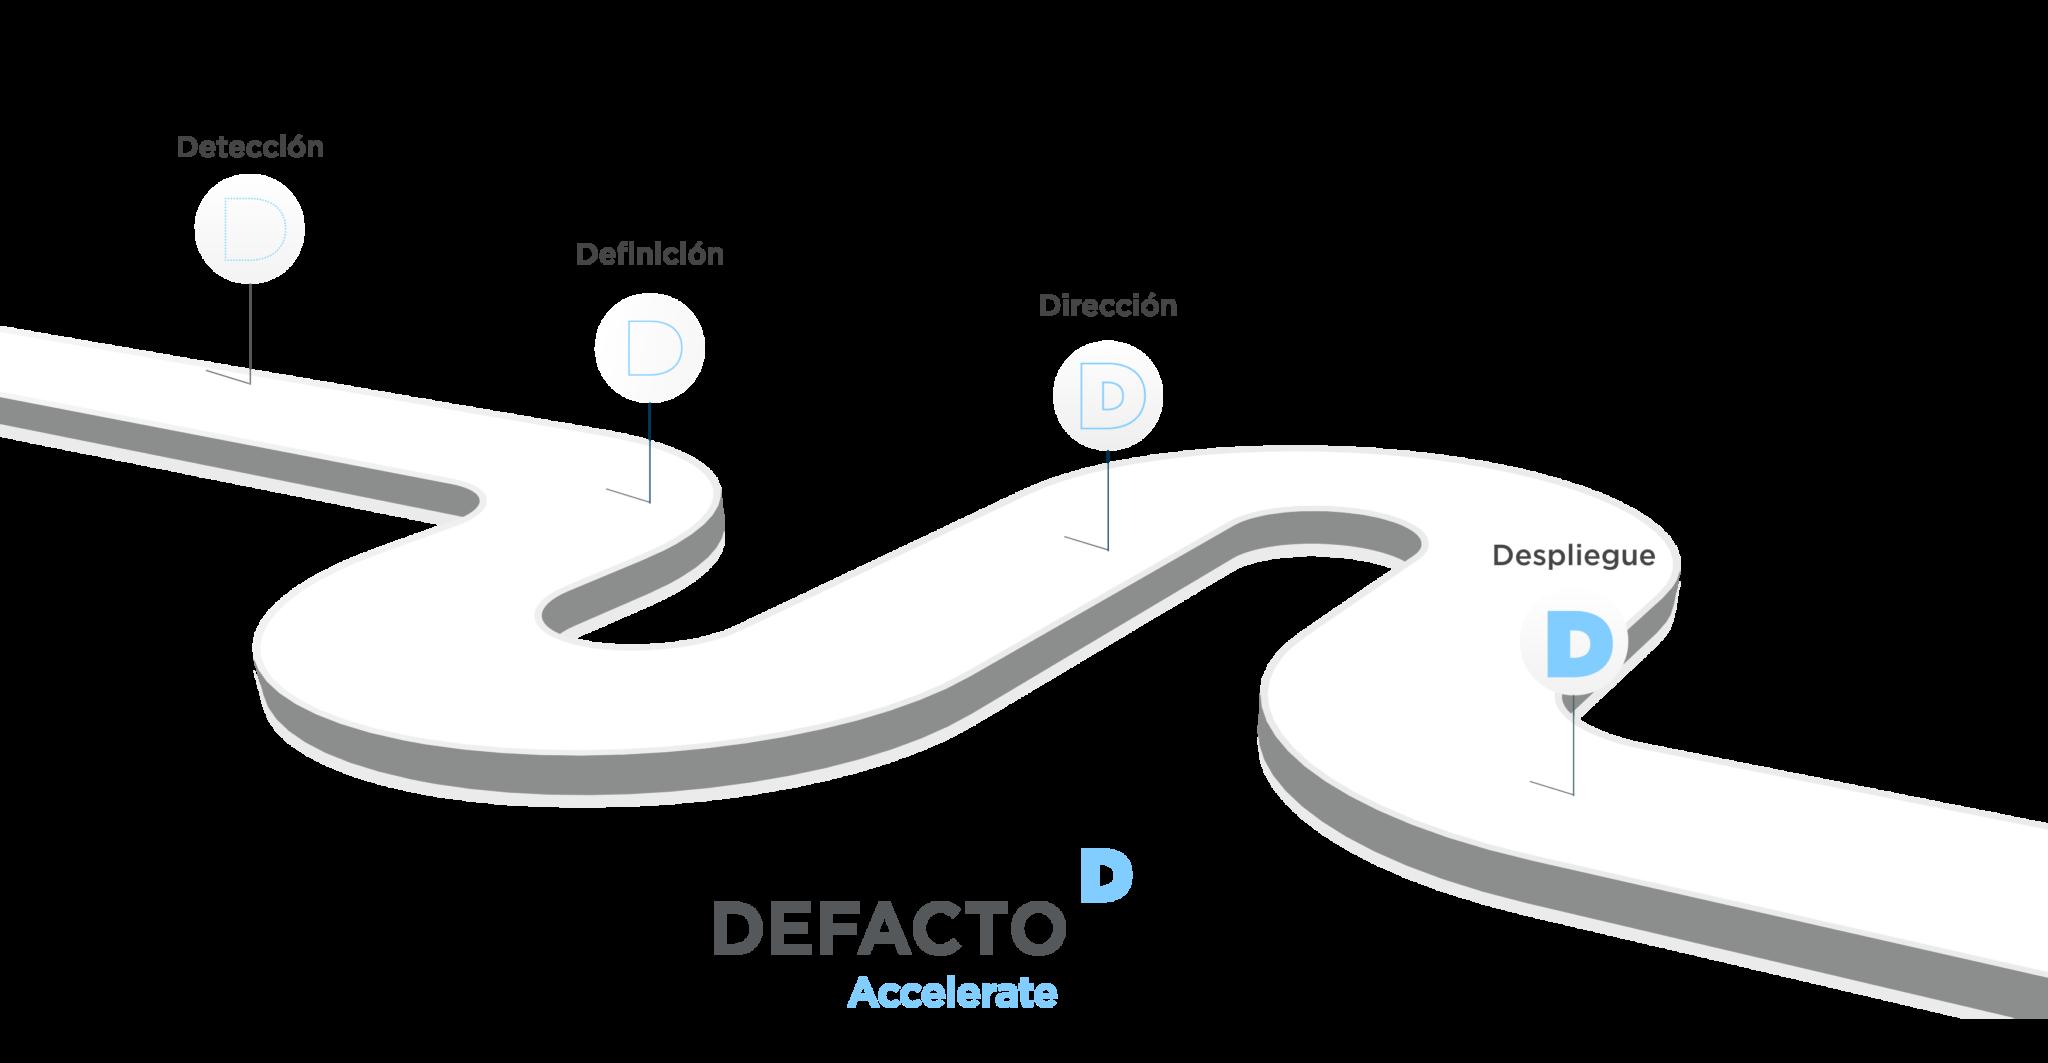 Gráfico de Accelerate, metodología de estrategia empresarial de DEFACTO